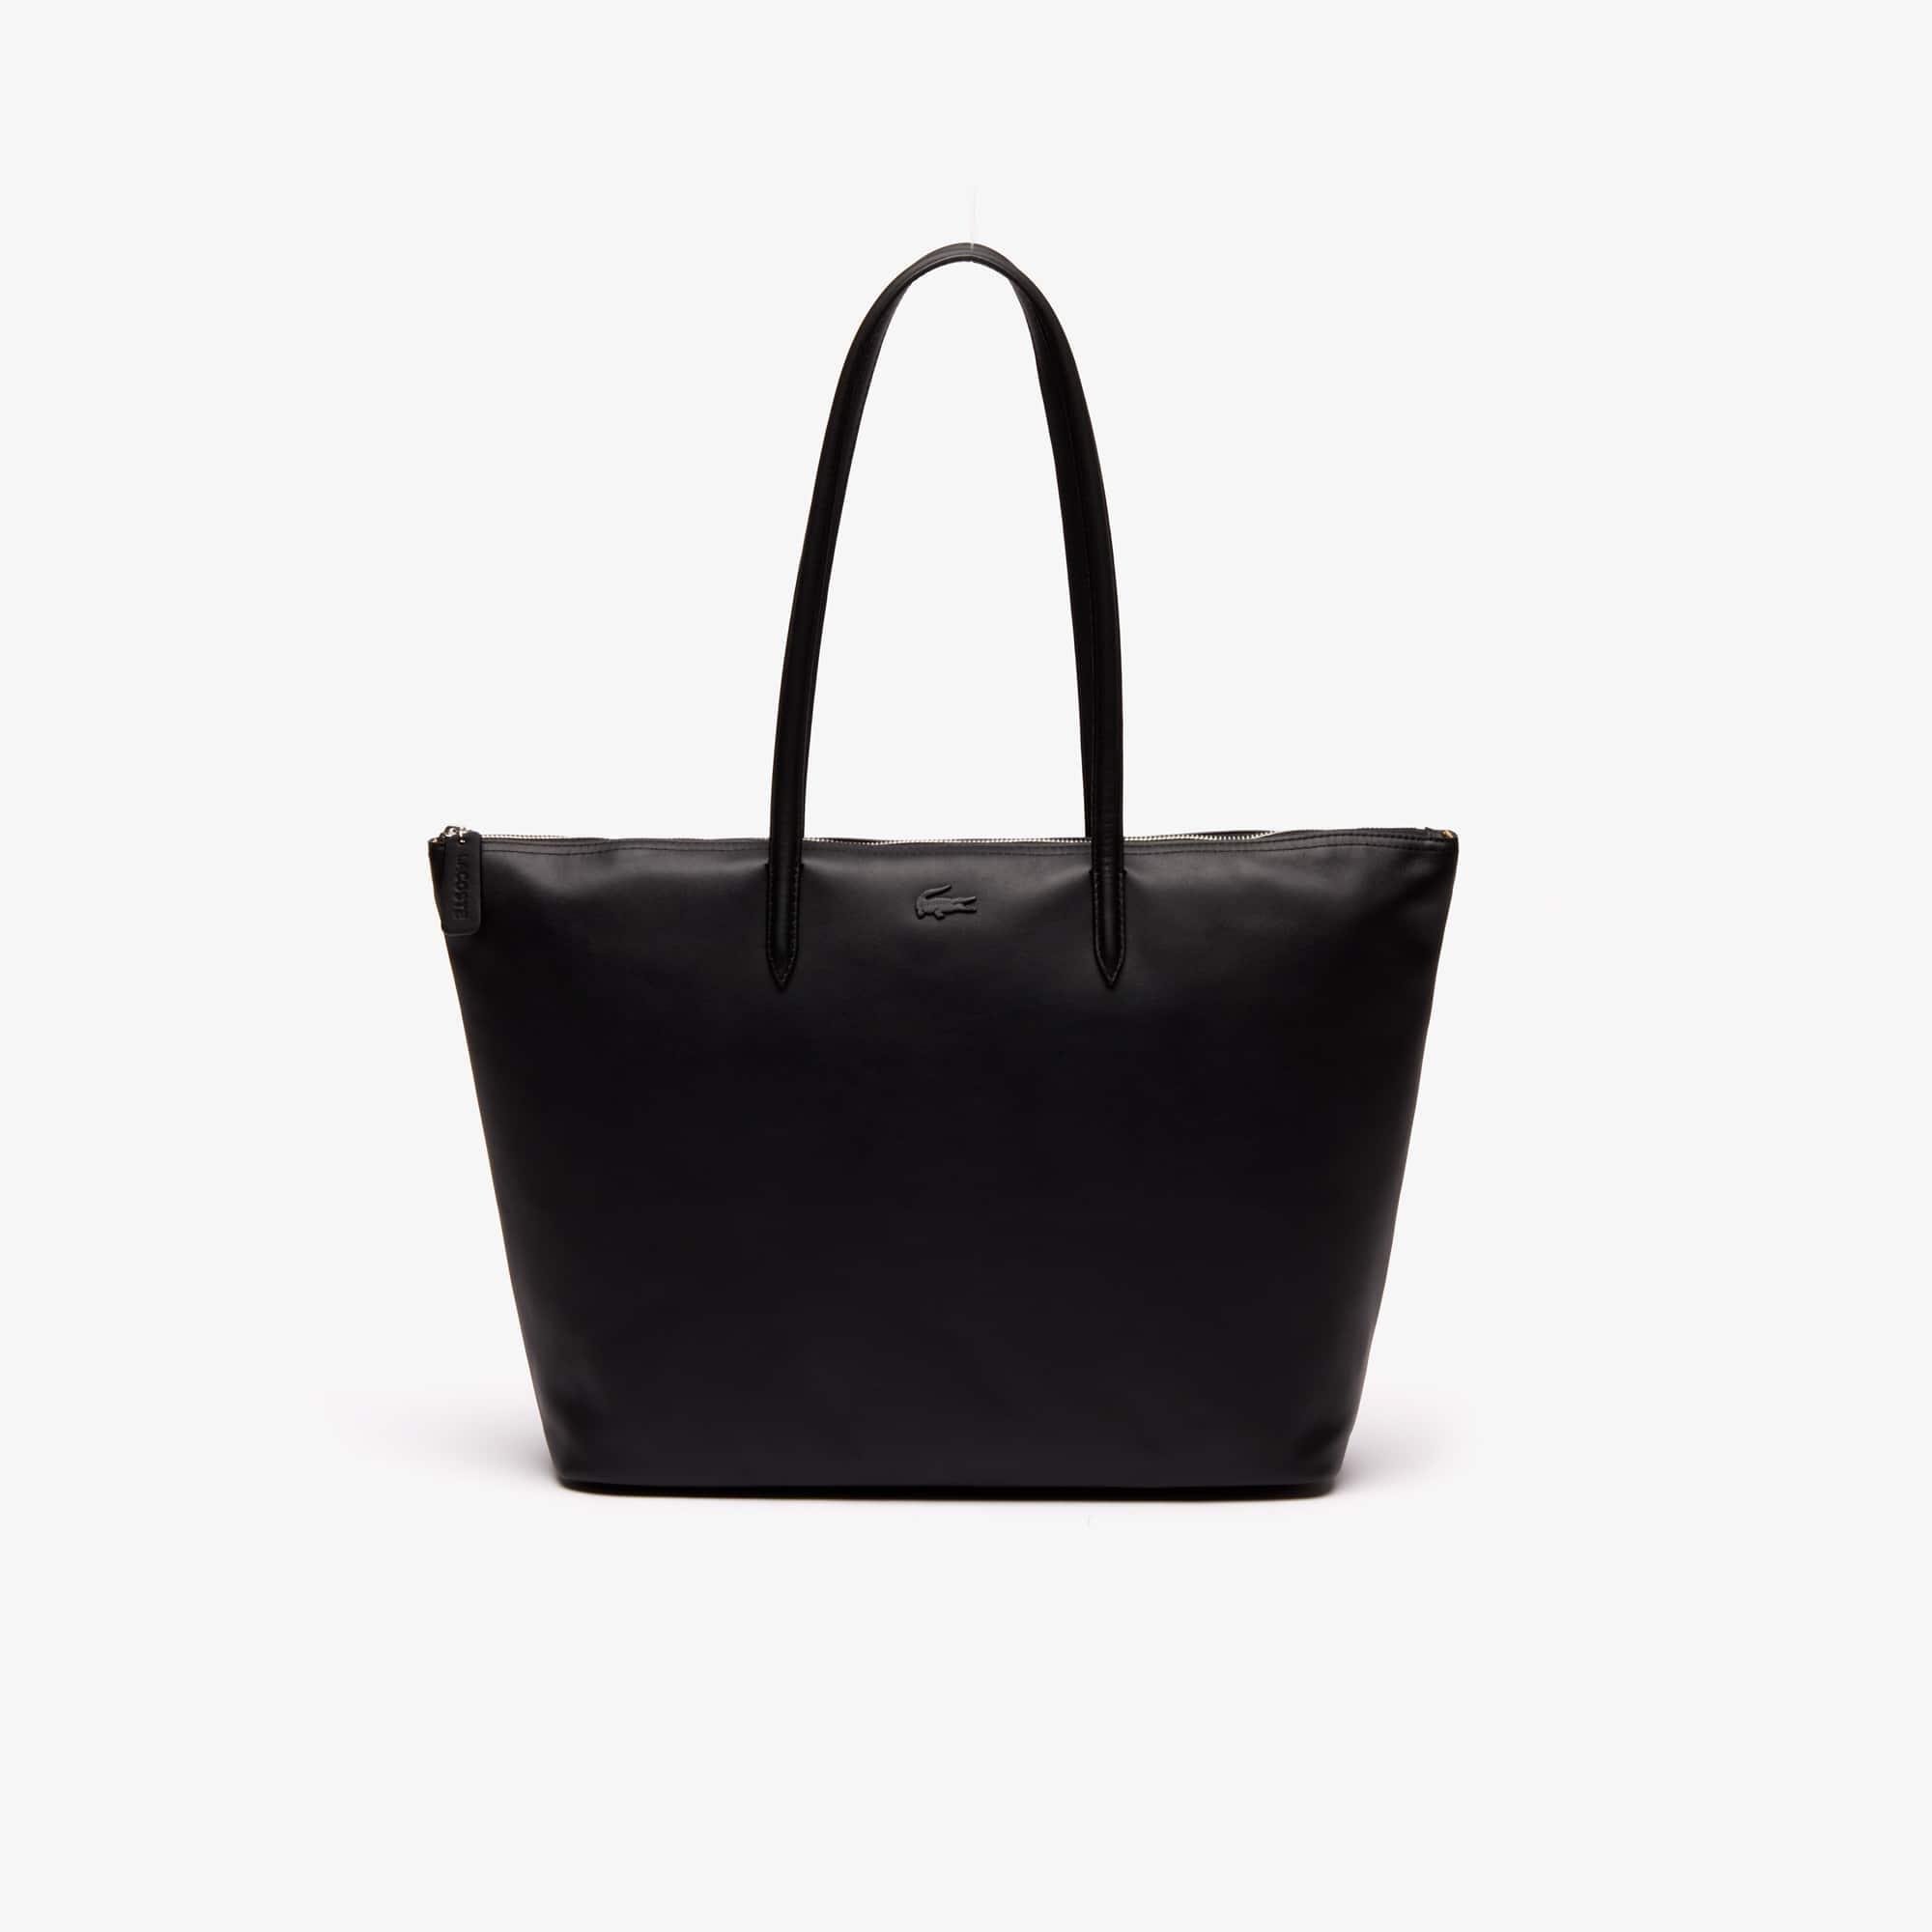 02bd95c23d Sacs à main, sacs cabas et sacs seau   Maroquinerie Femme   Lacoste